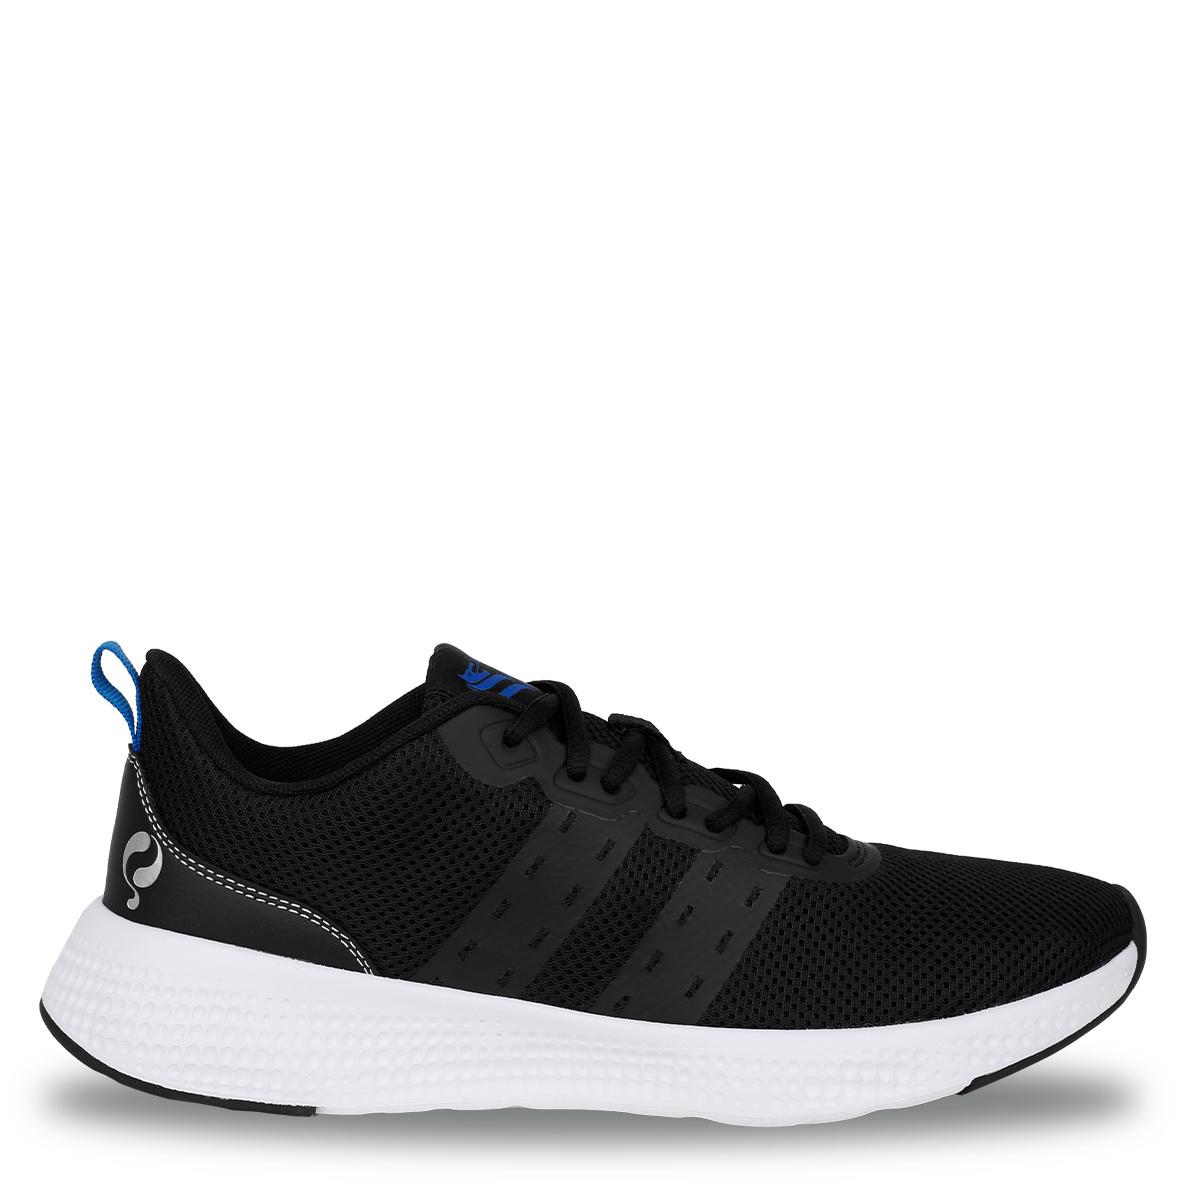 Heren Sneaker Oostduin - Zwart/Wit/Koningsblauw